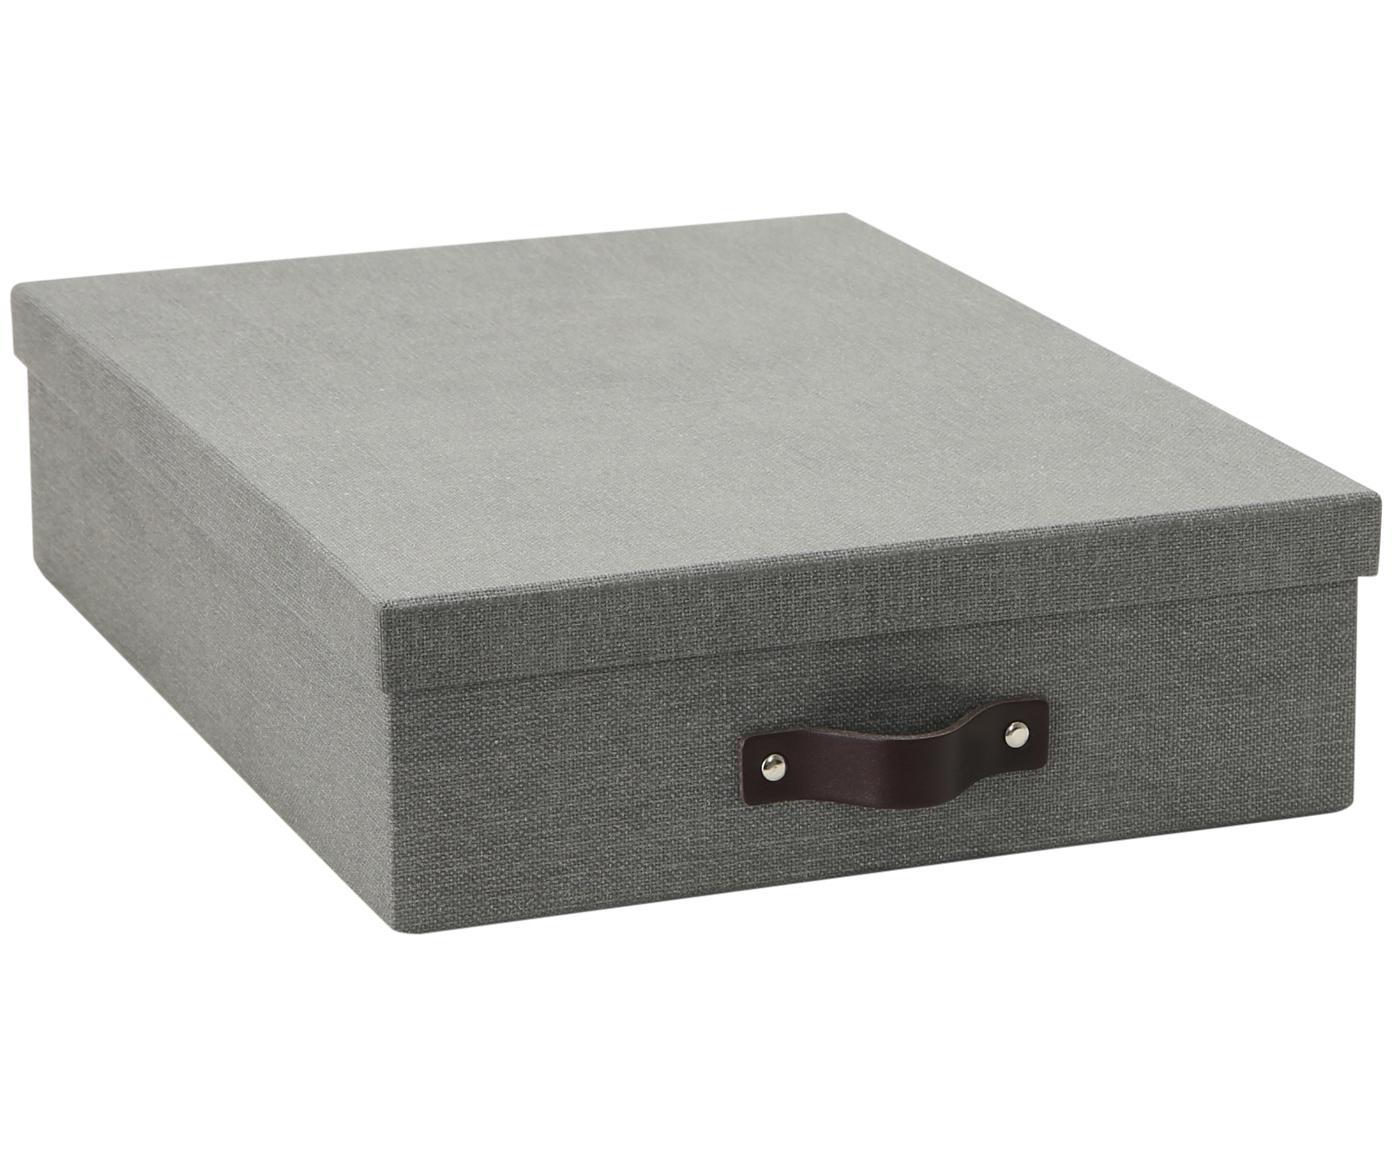 Caja Oskar II, Caja: cartón recubierto de lino, Asa: cuero, Exterior: gris Interior: negro Asa: marrón oscuro, An 26 x Al 9 cm